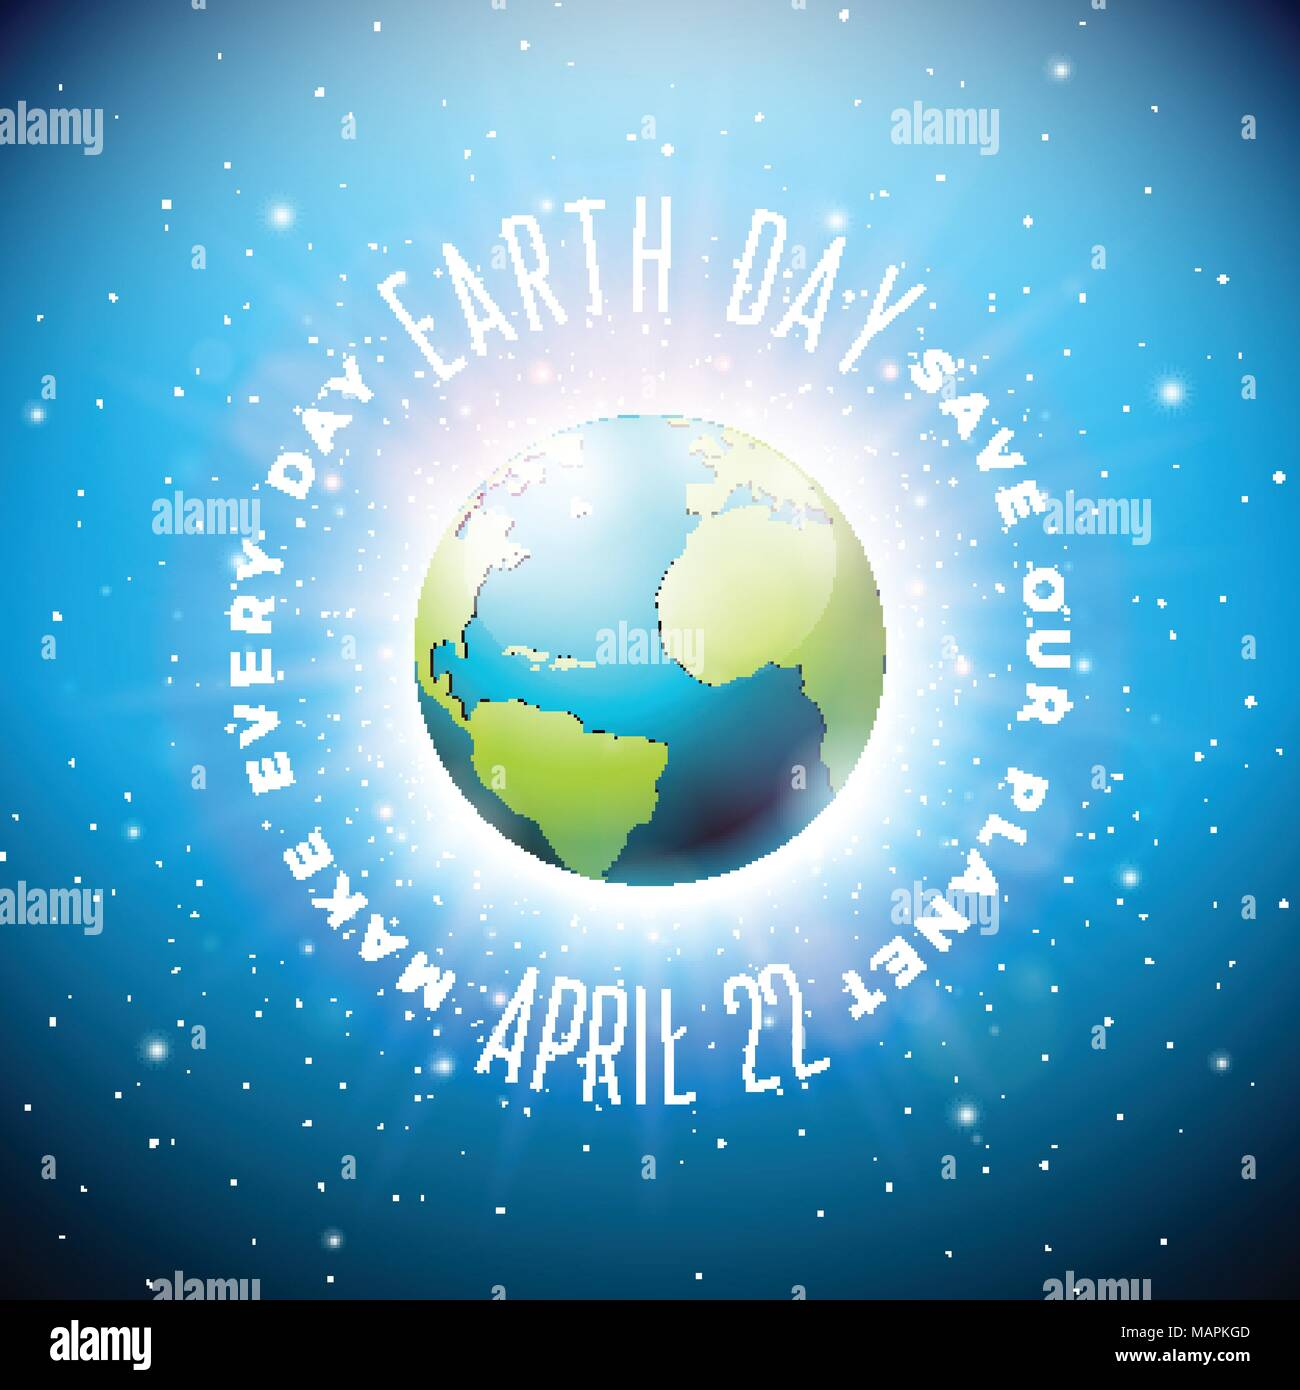 El día de la tierra de la ilustración con el planeta y rotulación. Mapa del mundo de fondo en concepto de ambiente el 22 de abril. Diseño vectorial para la pancarta, póster o tarjeta de felicitación. Imagen De Stock